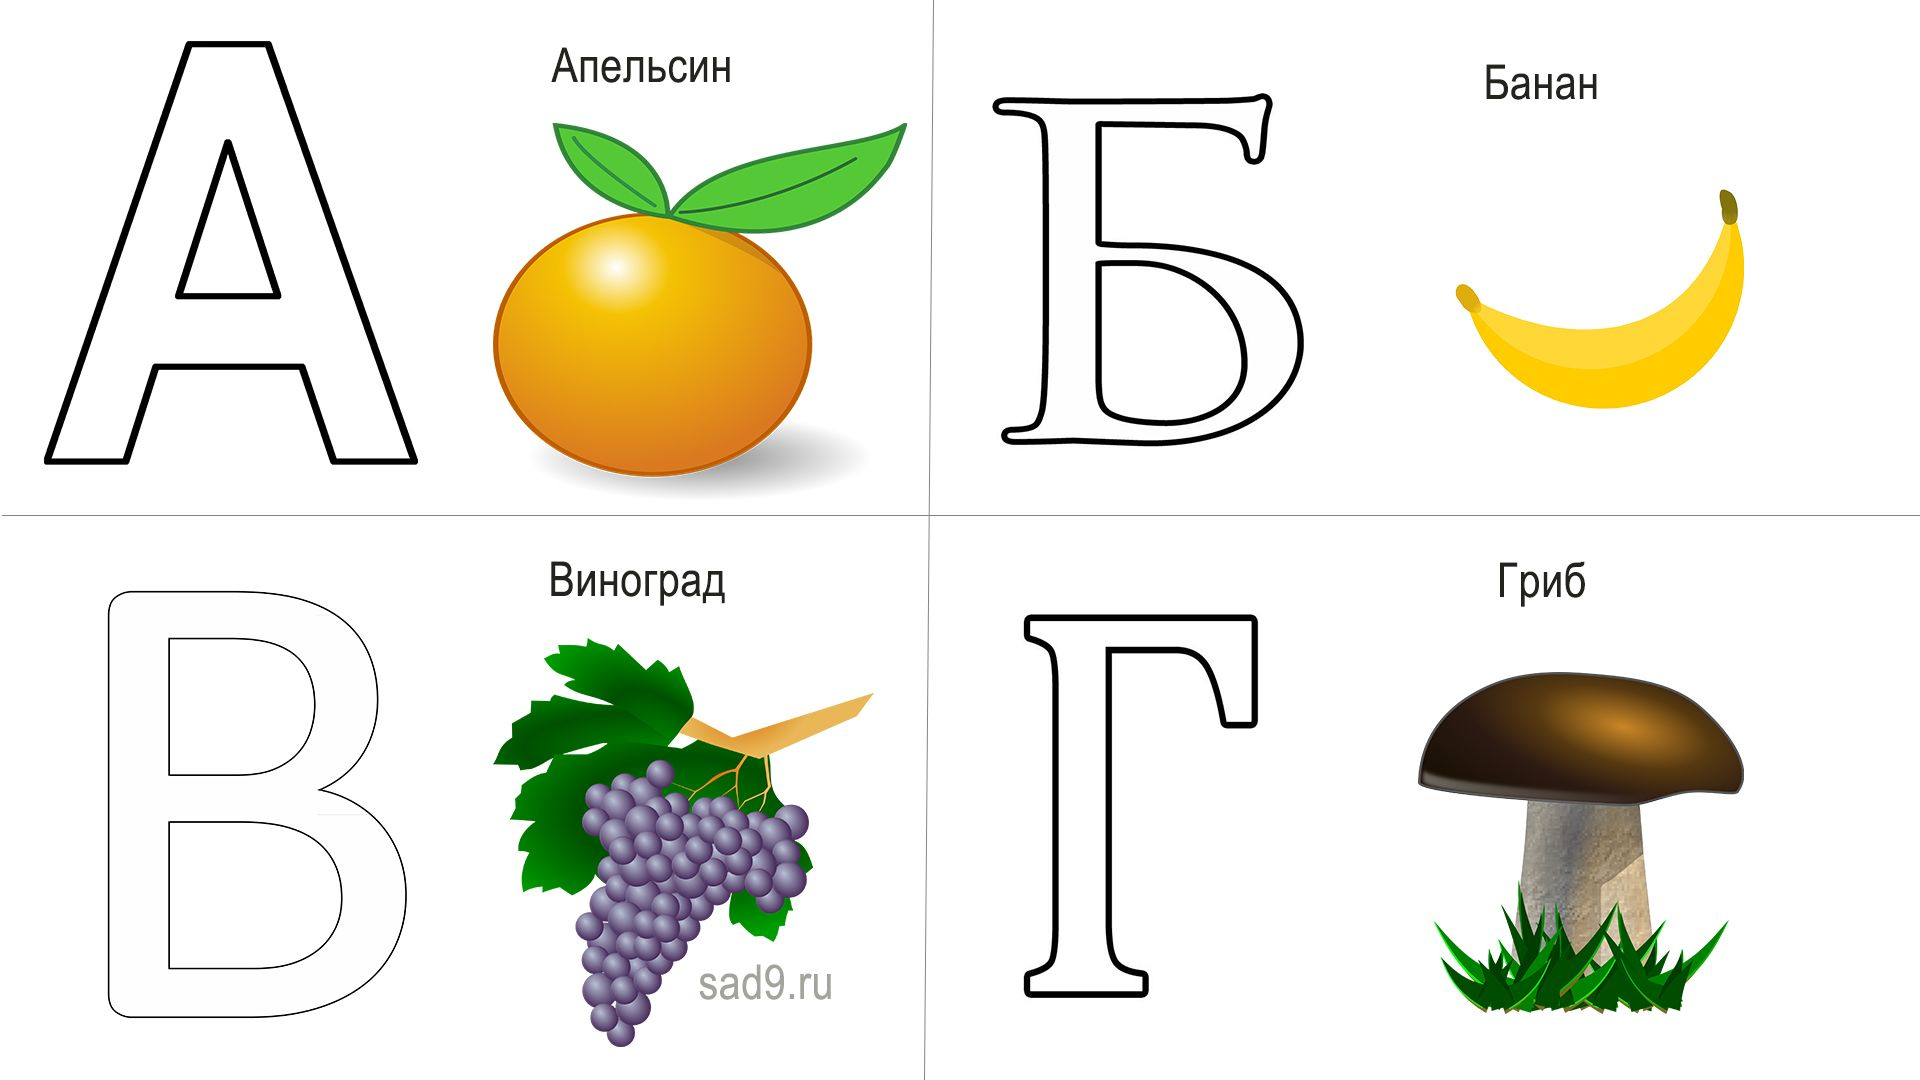 Раскраски алфавит для детей дошкольного возраста